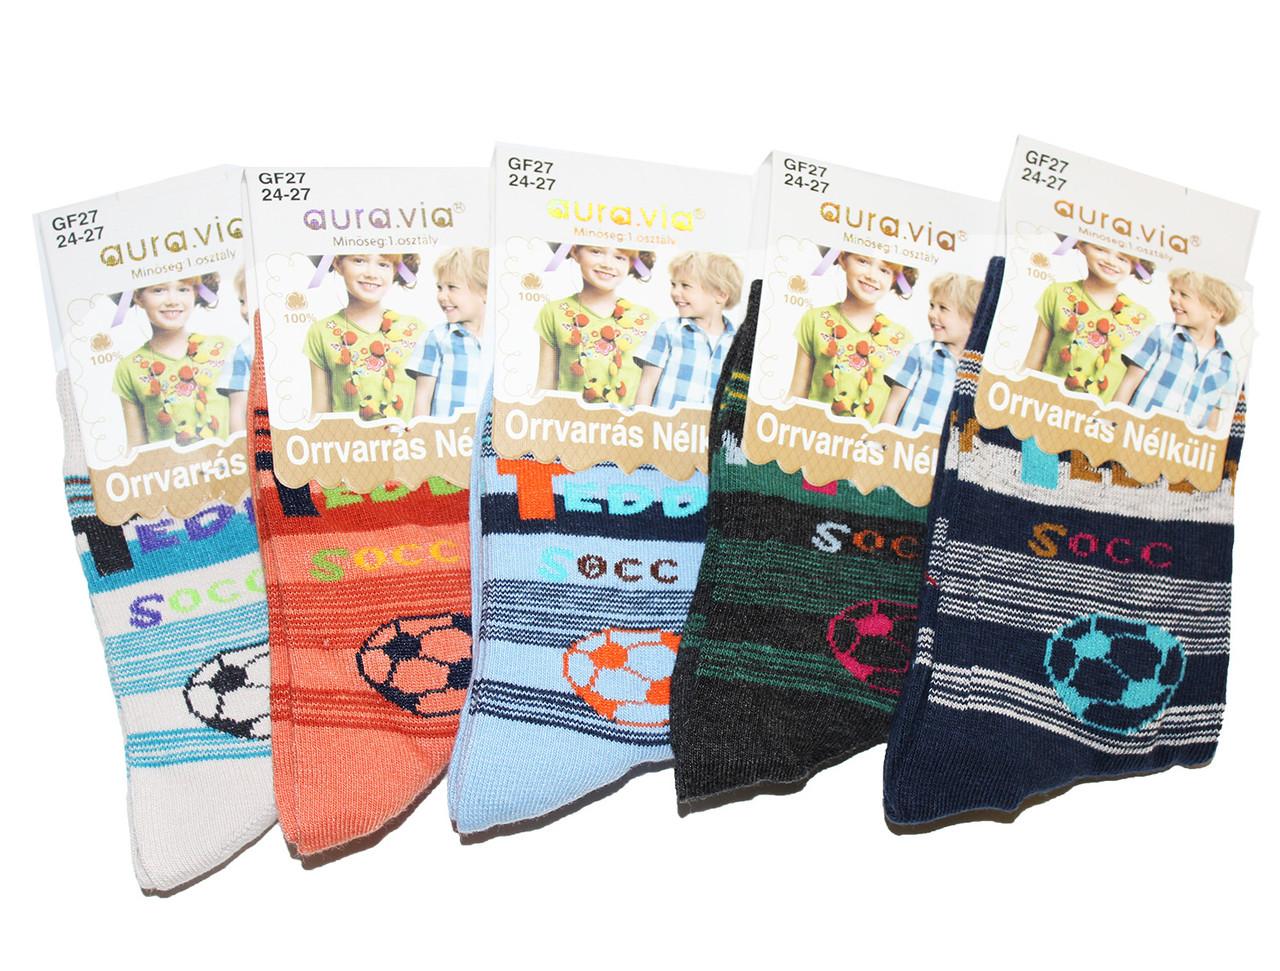 Носки детские для мальчика Подростковые GF 27